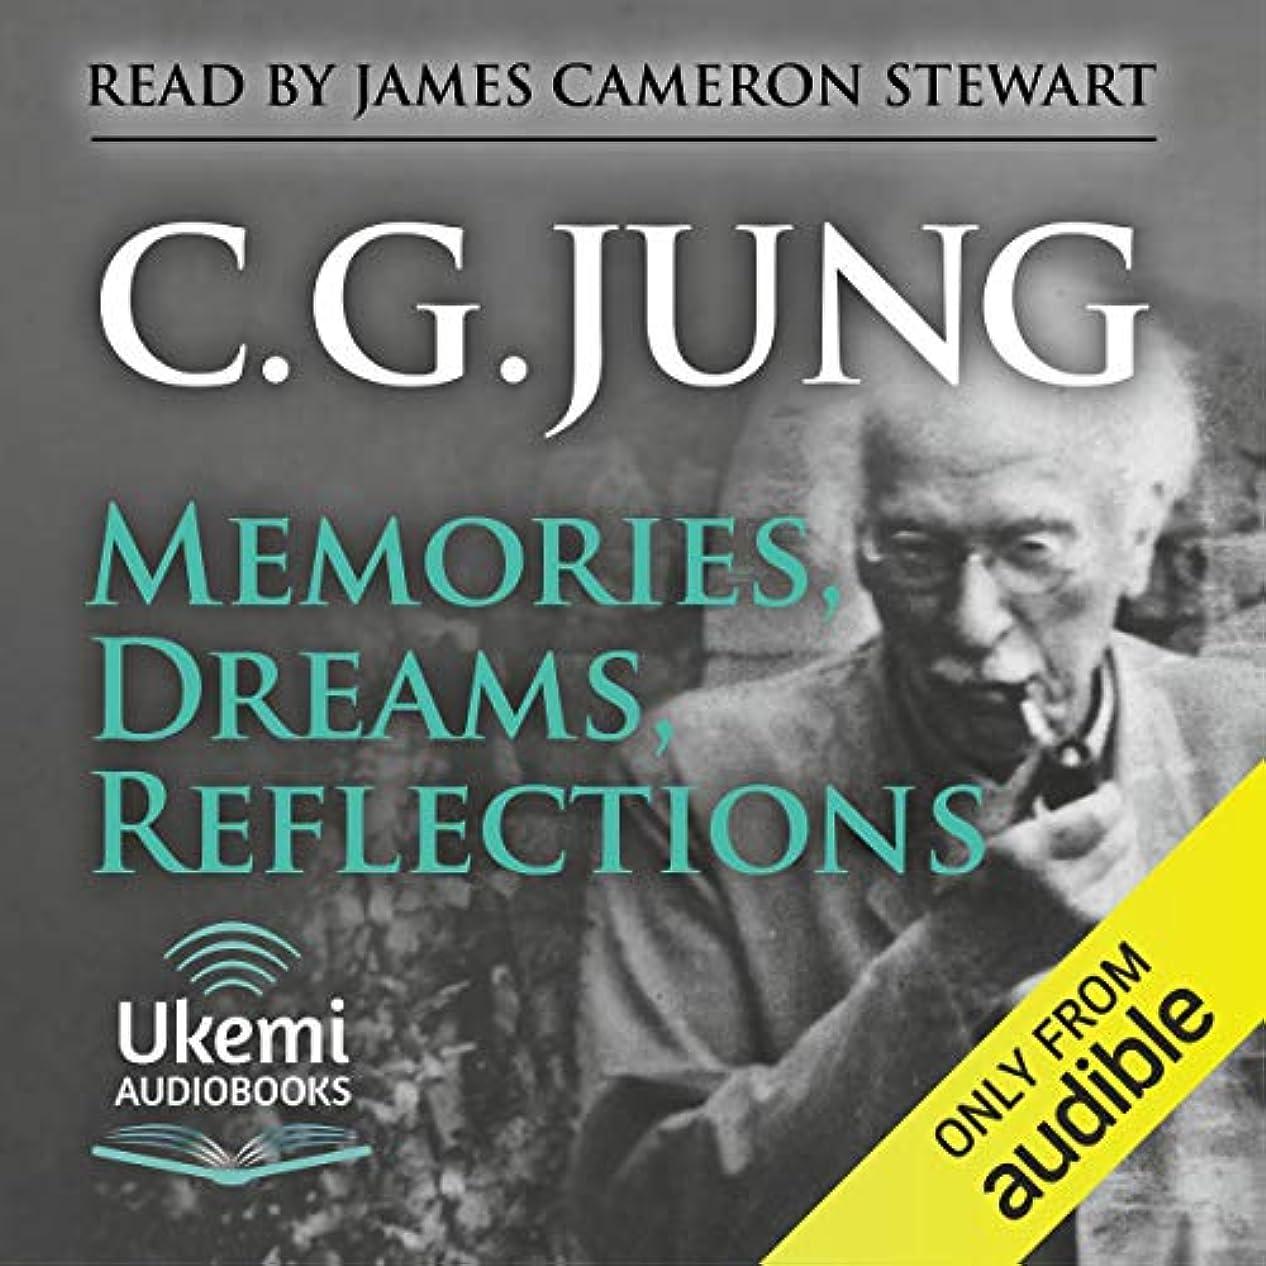 伝導率改革トーンMemories, Dreams, Reflections